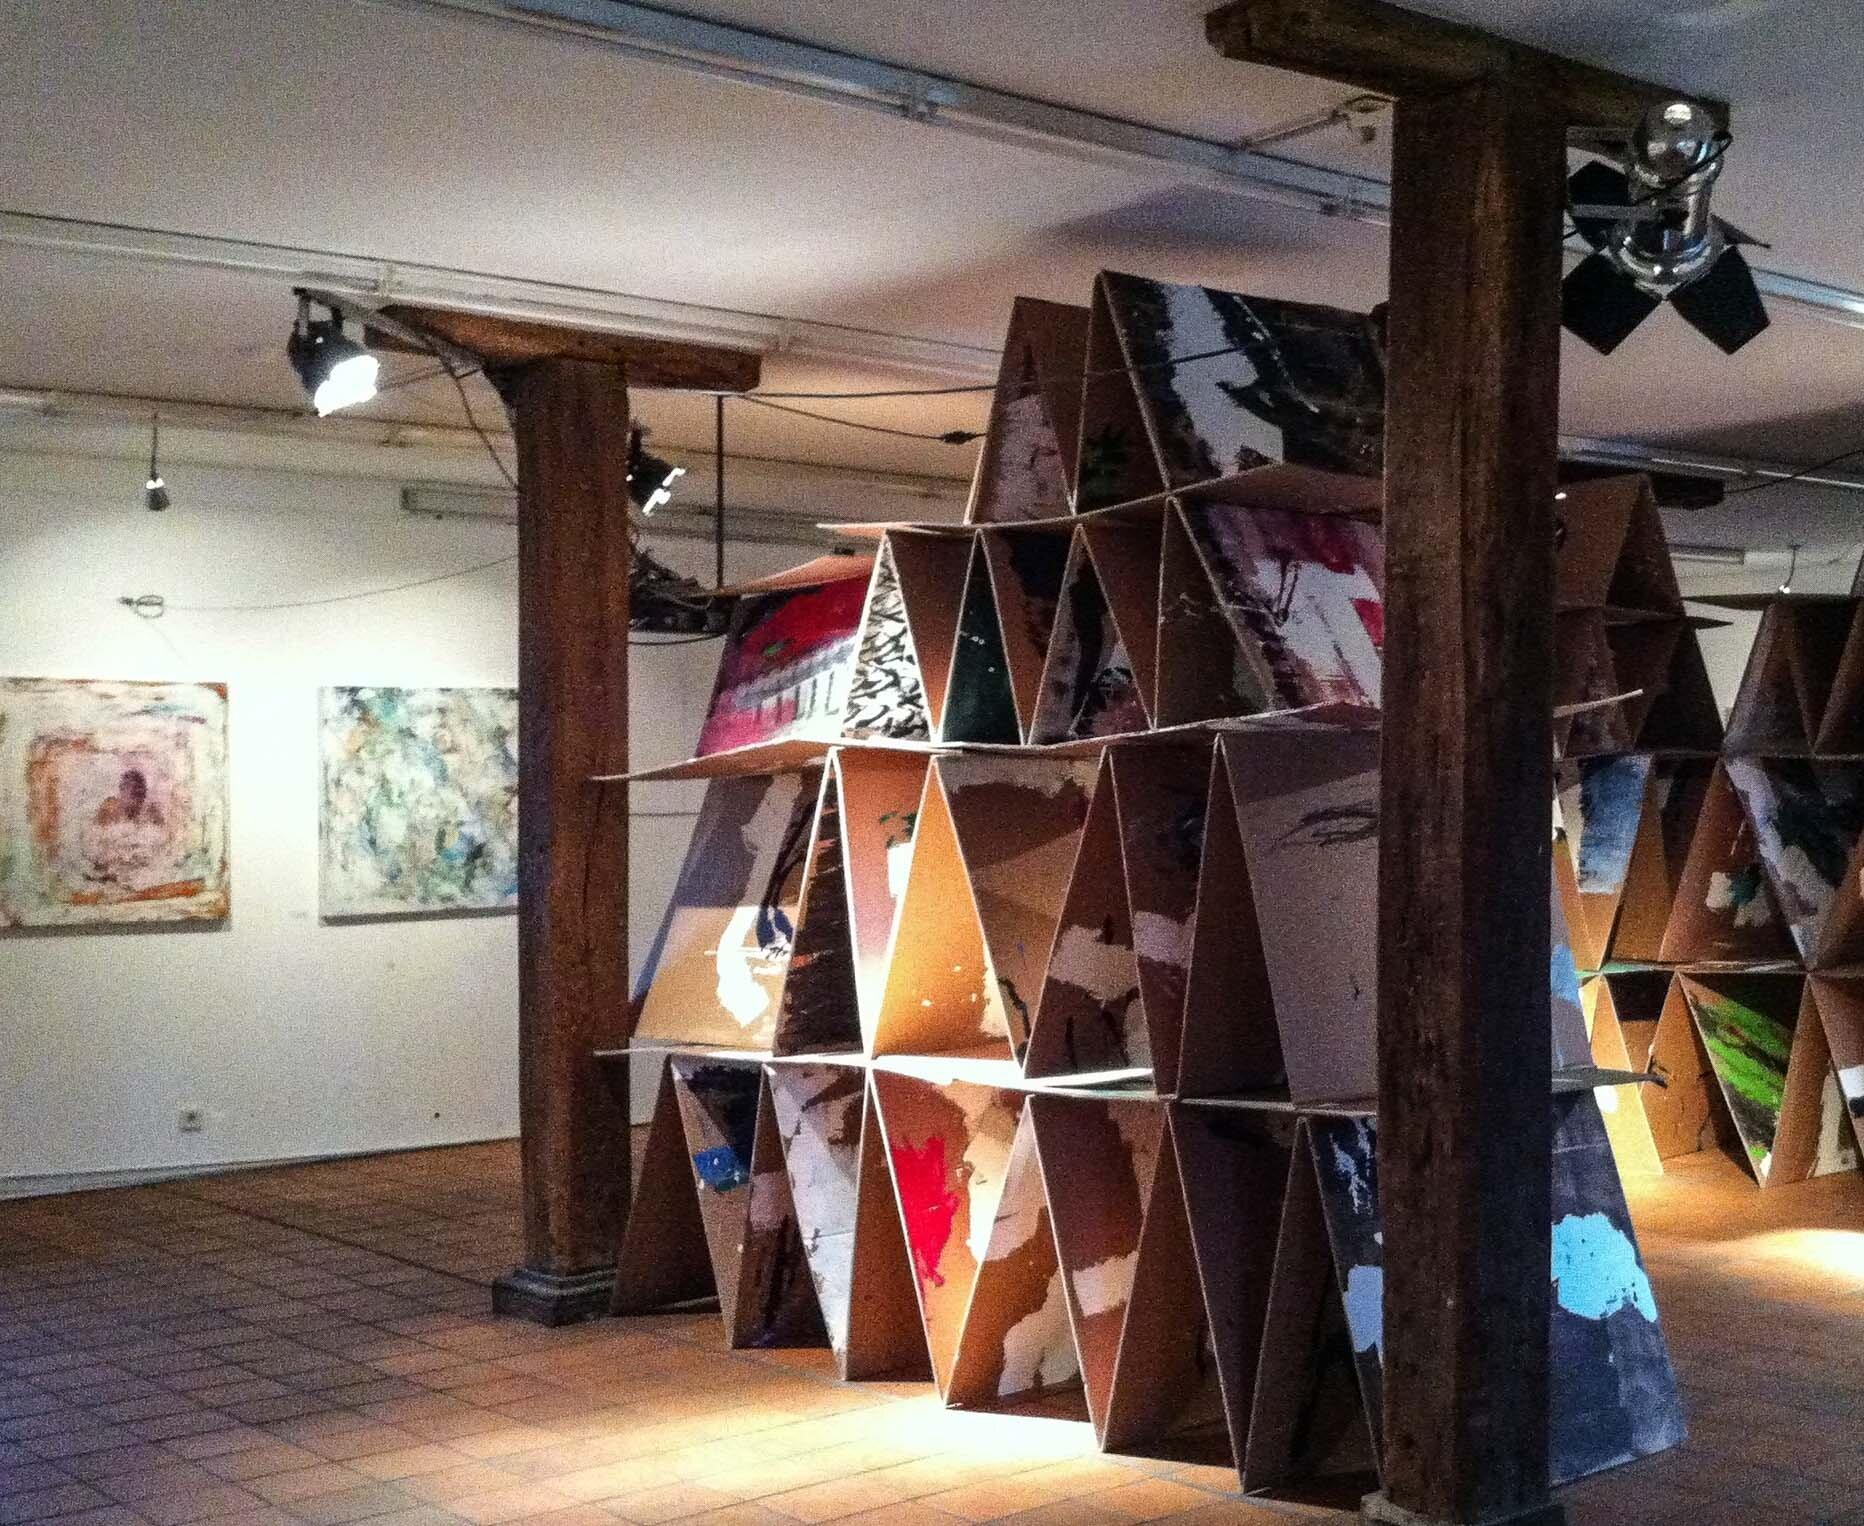 Ruhrakademie Schwerte - Ausstellung zum DiplomOkt 2011